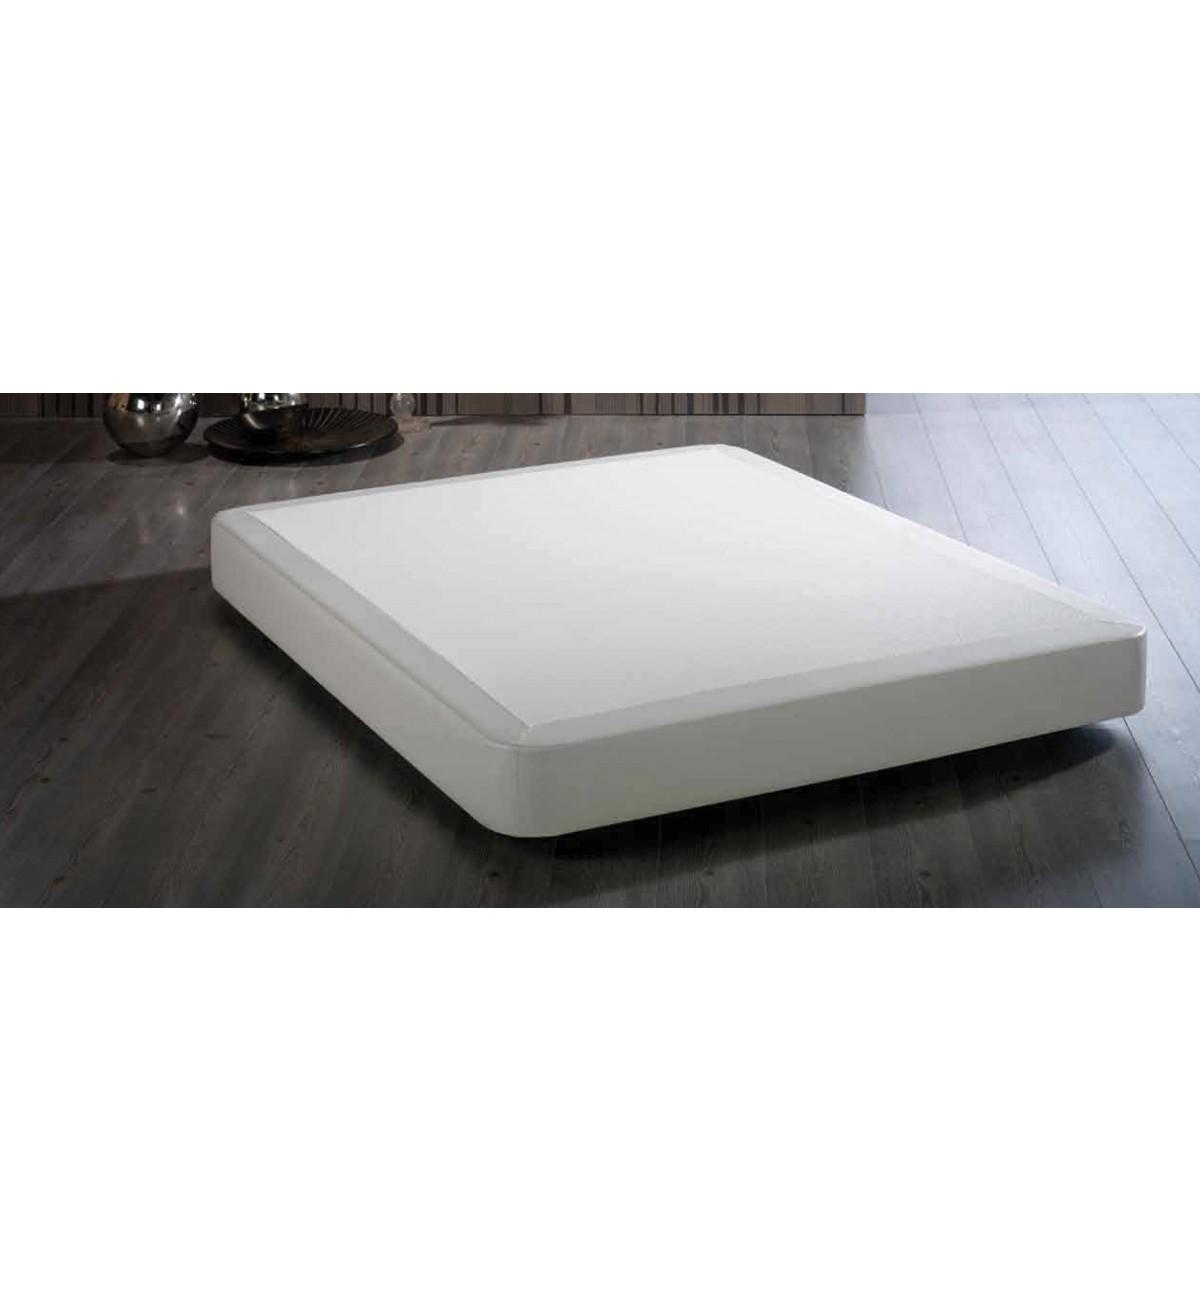 Canap r gido con marco en polipiel de ld camas de dise o for Canape para cama